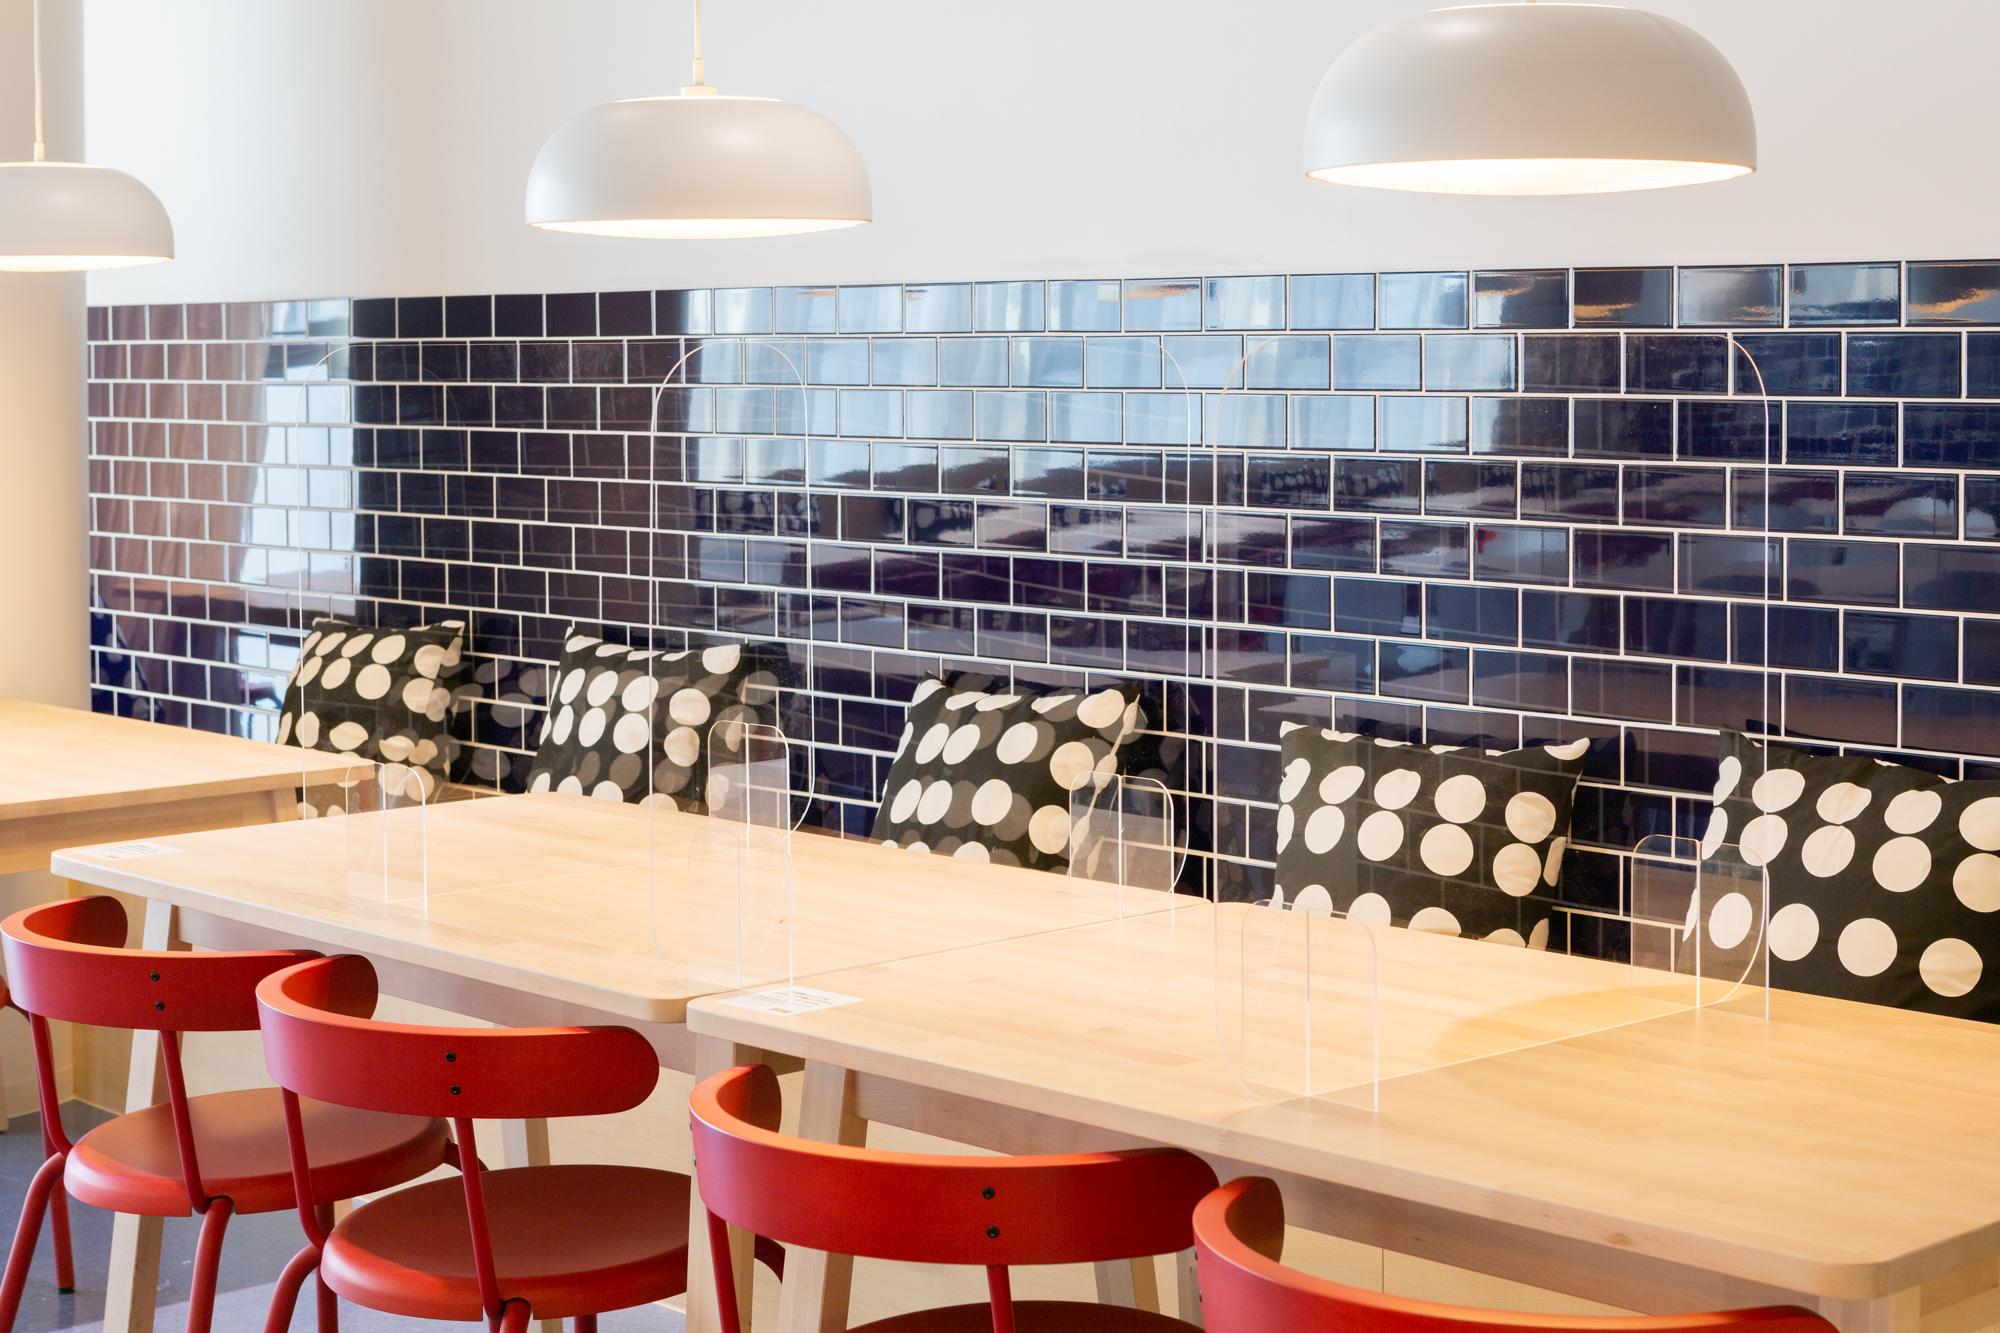 『IKEA 渋谷』のスウェーデンレストランがオープン! おすすめは限定サーモン料理 PhotoGallery_1_5